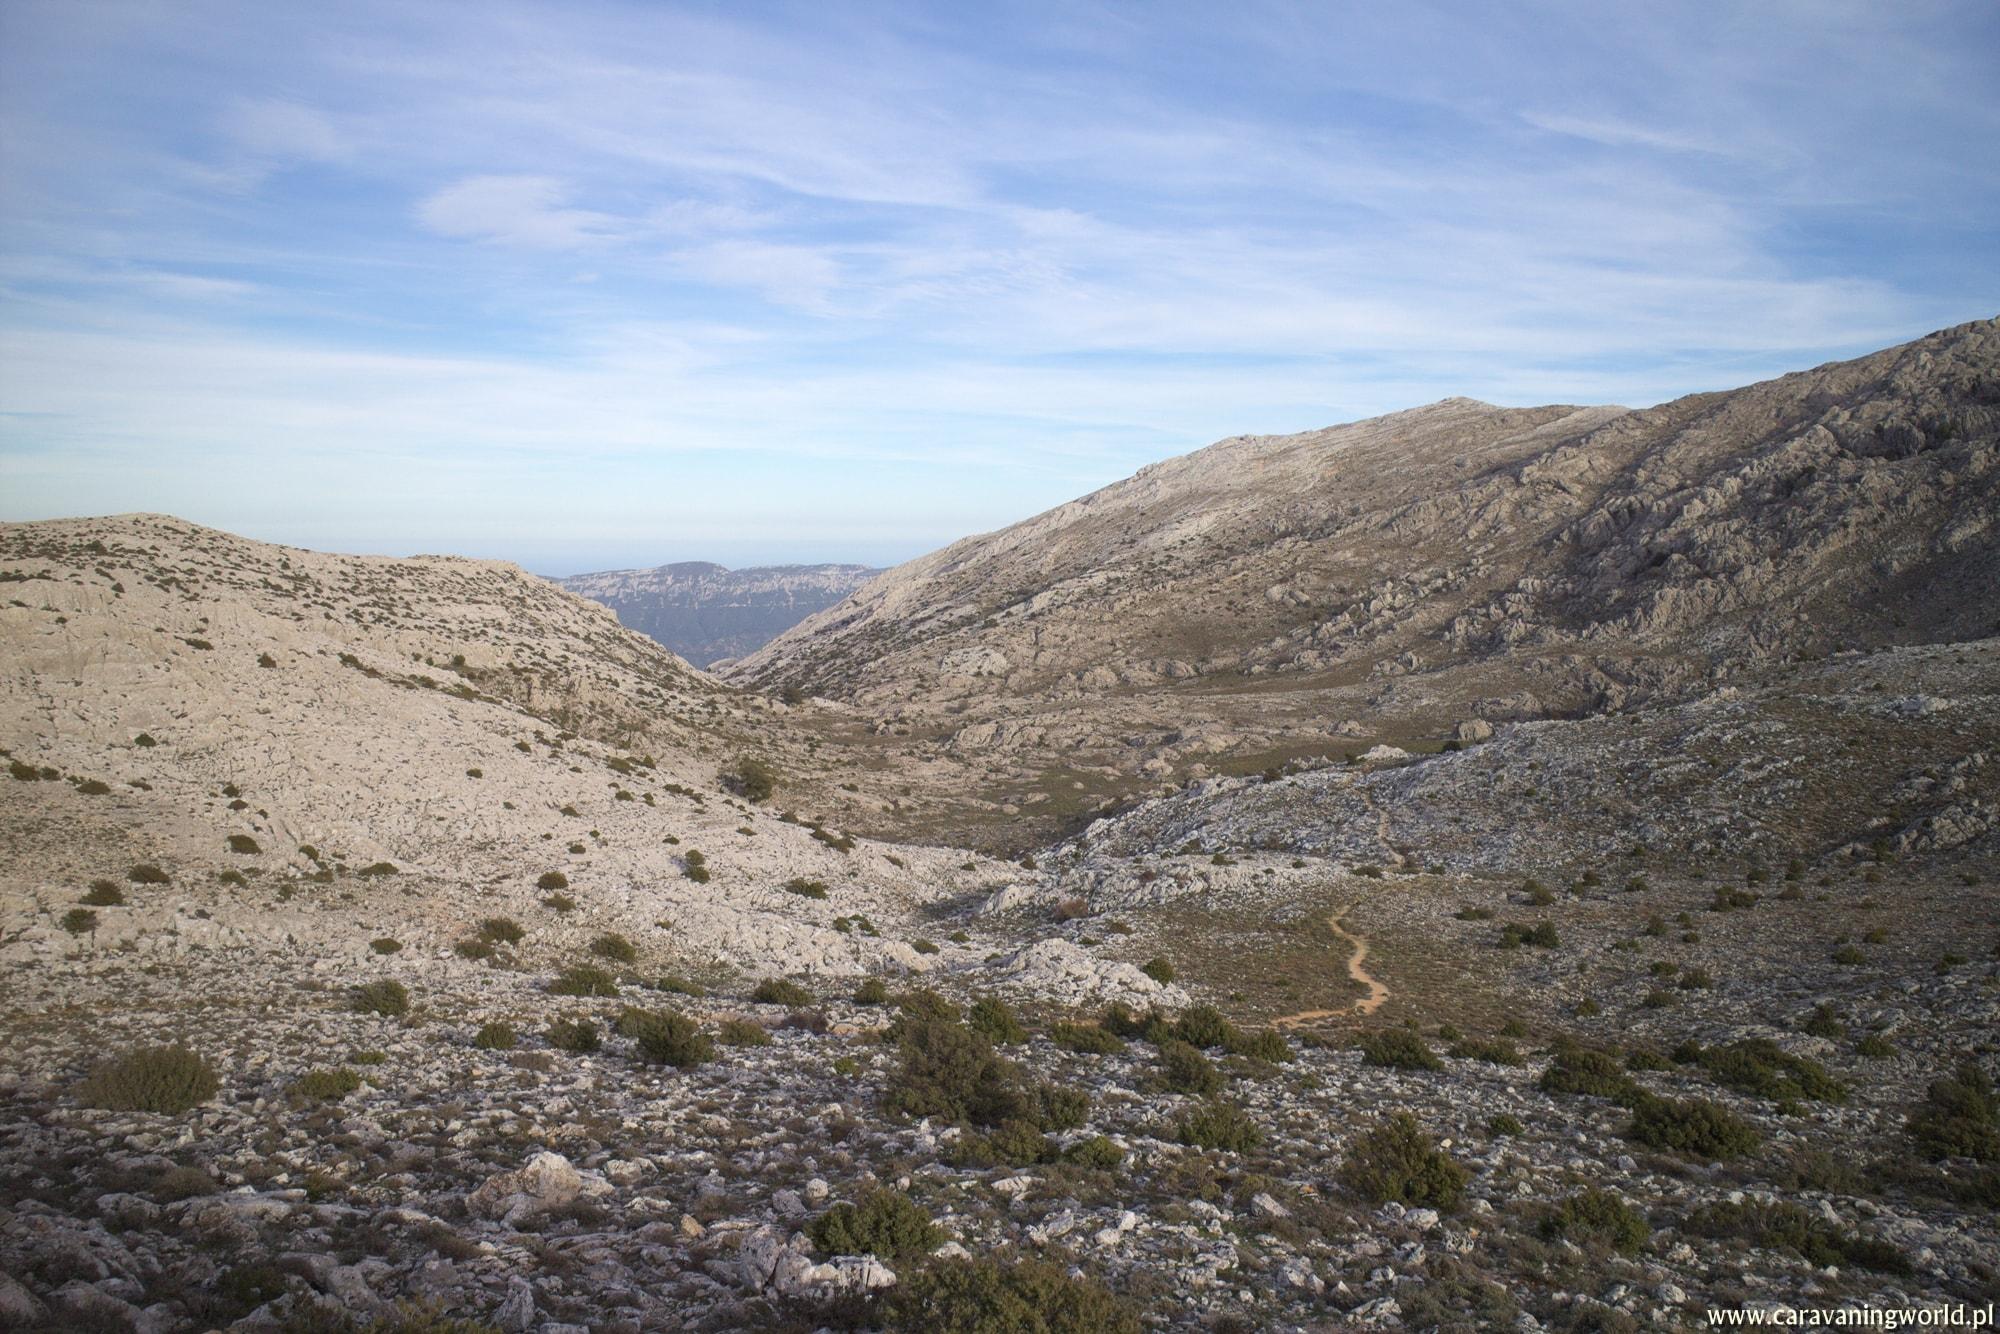 Z widokiem na płaskowyż Supramonte